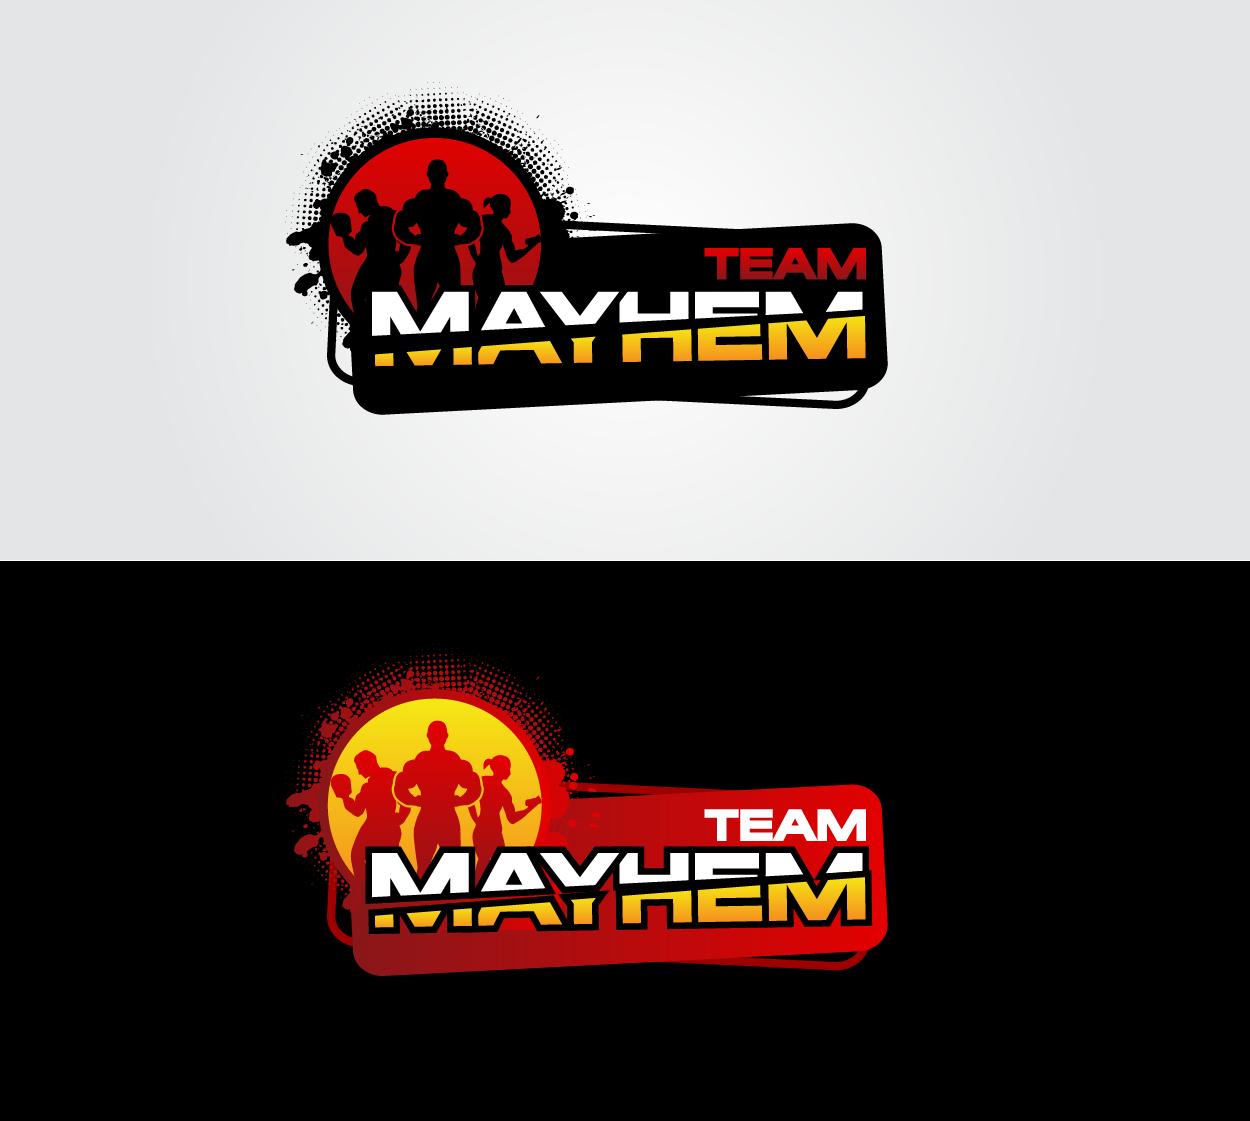 Help Team Challenge Mayhem  or Team Mayhem with a new logo